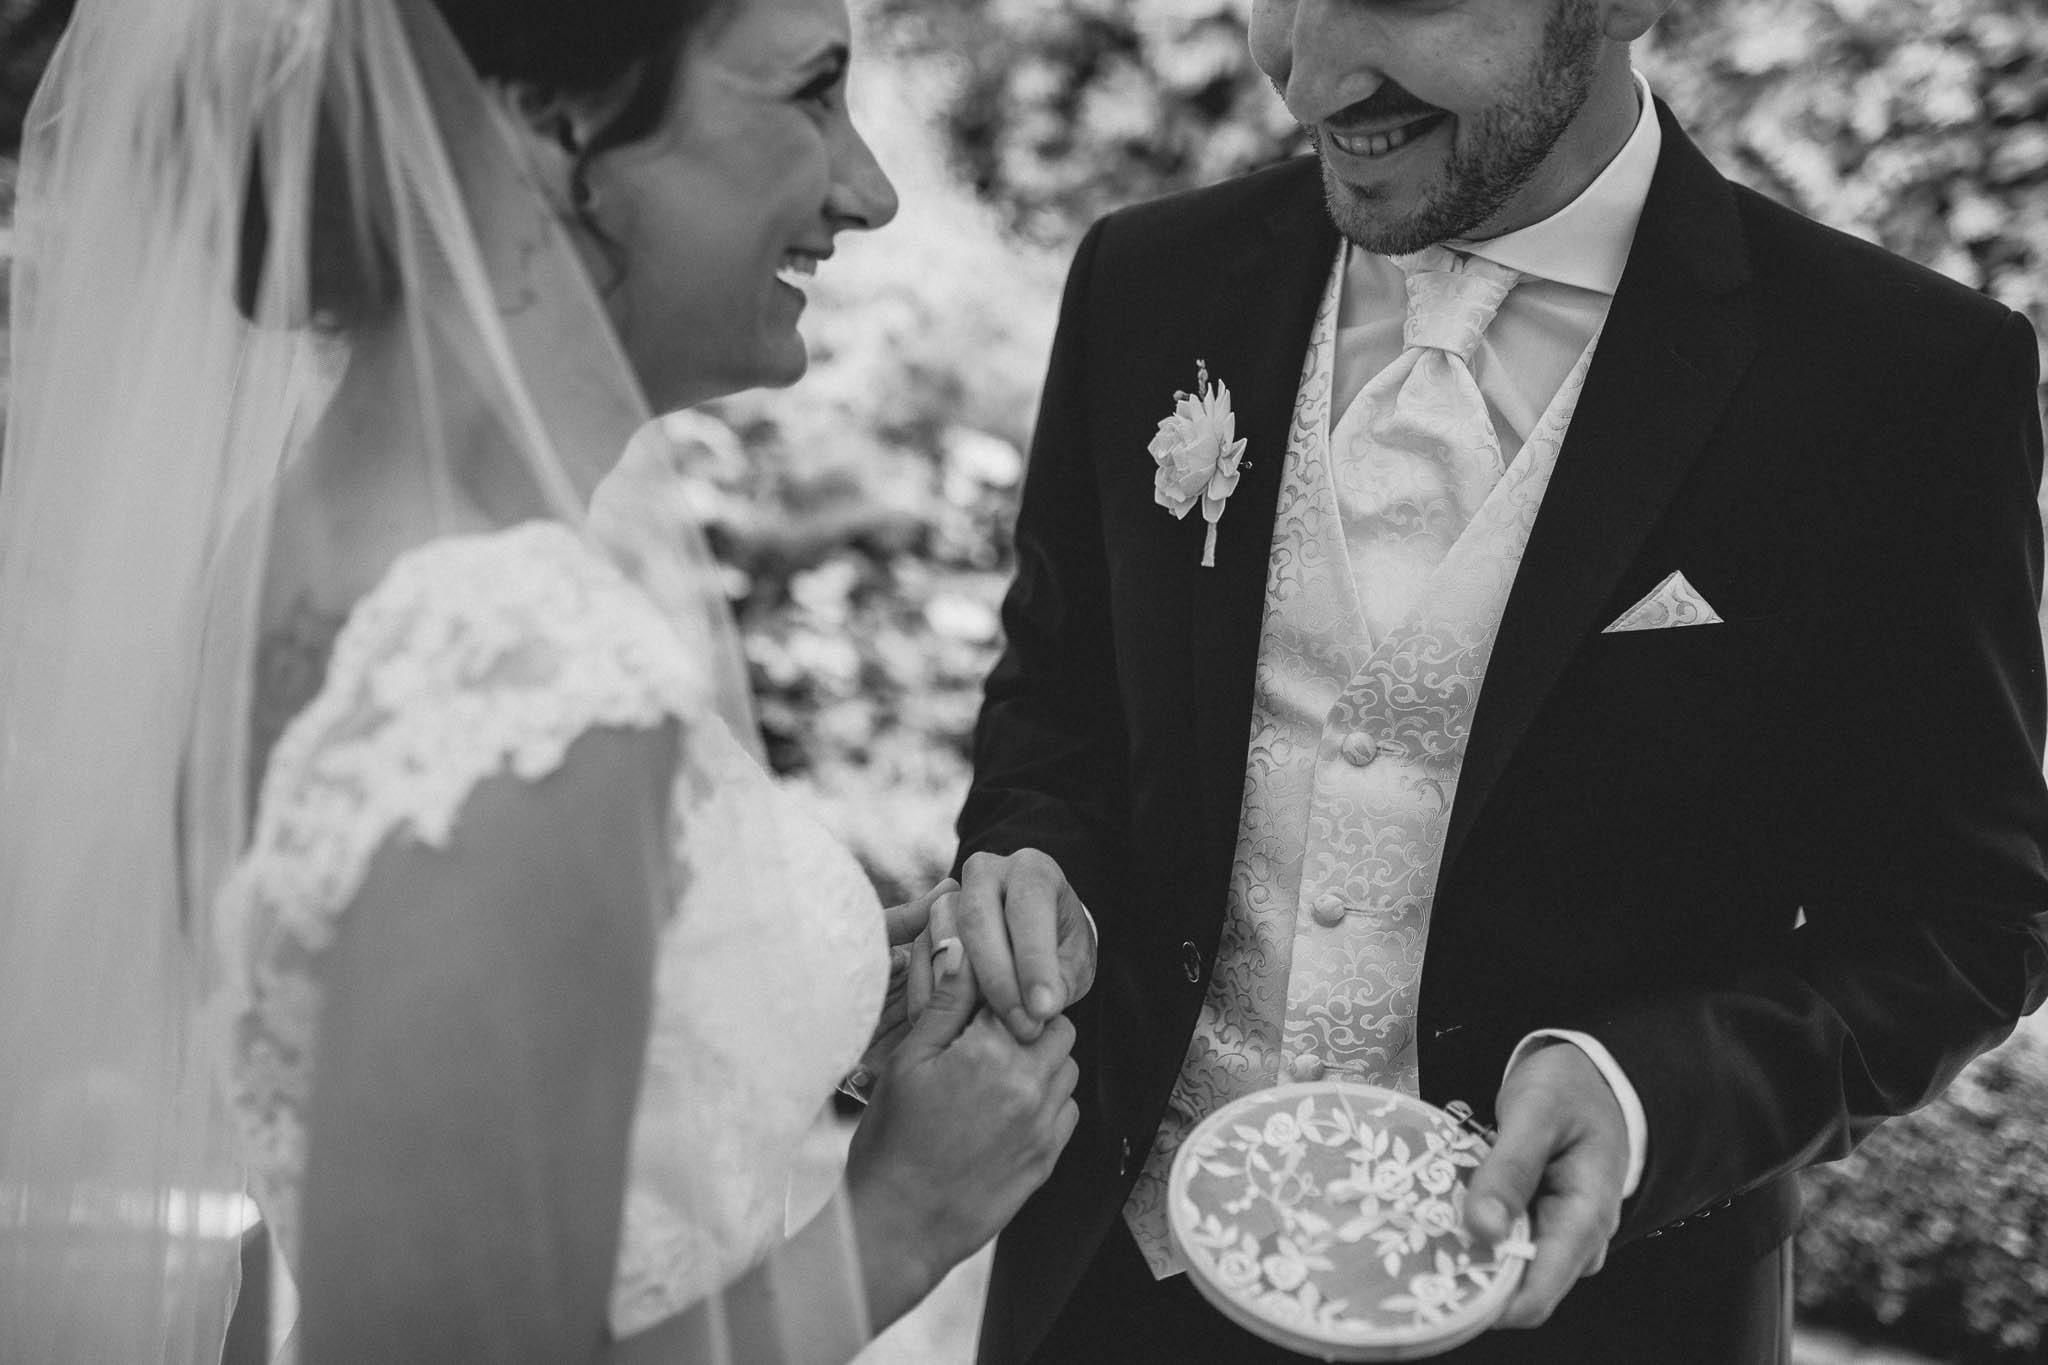 Hochzeitsfotograf Monzernheim: freie Trauung von Sarah & Patrick 33